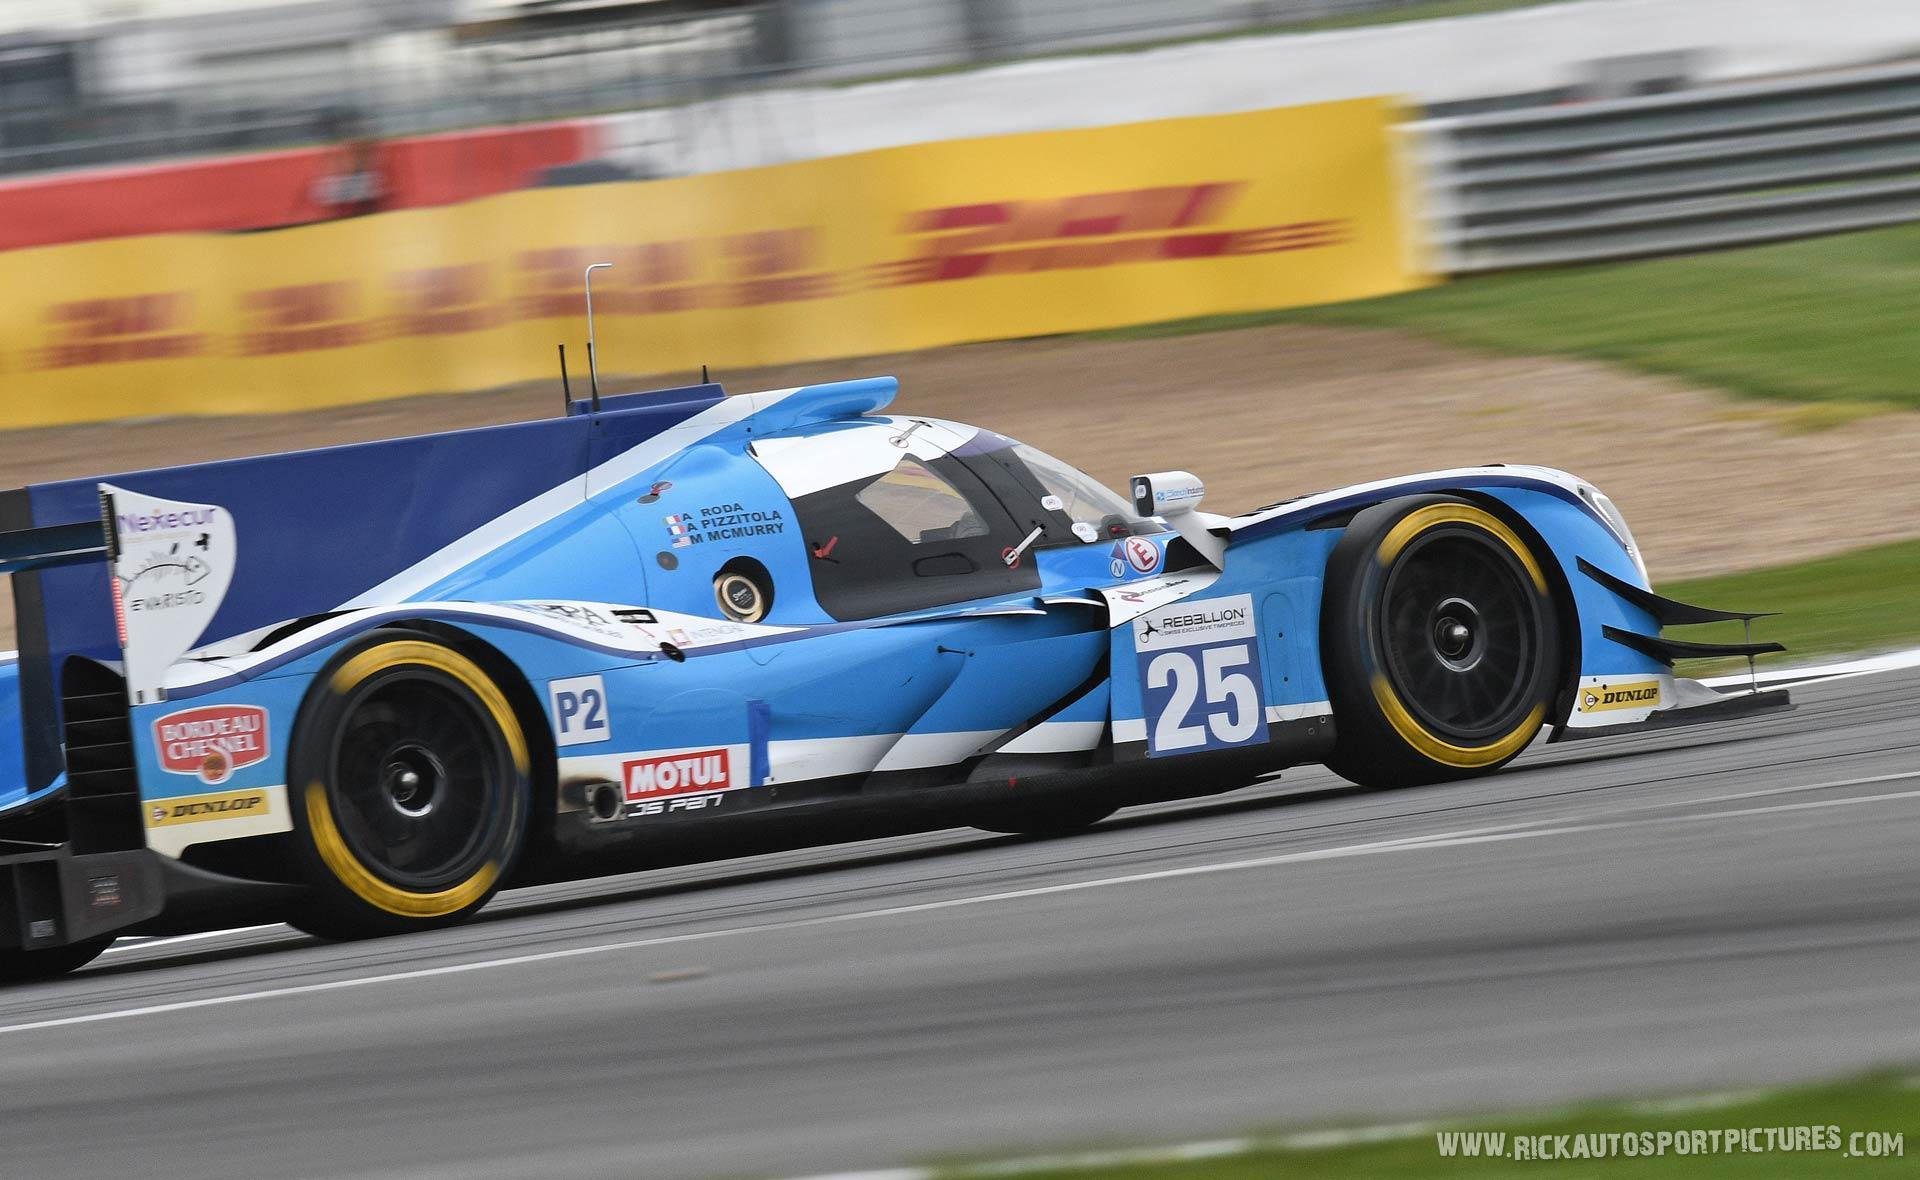 Algarve Pro Racing Silverstone 2017